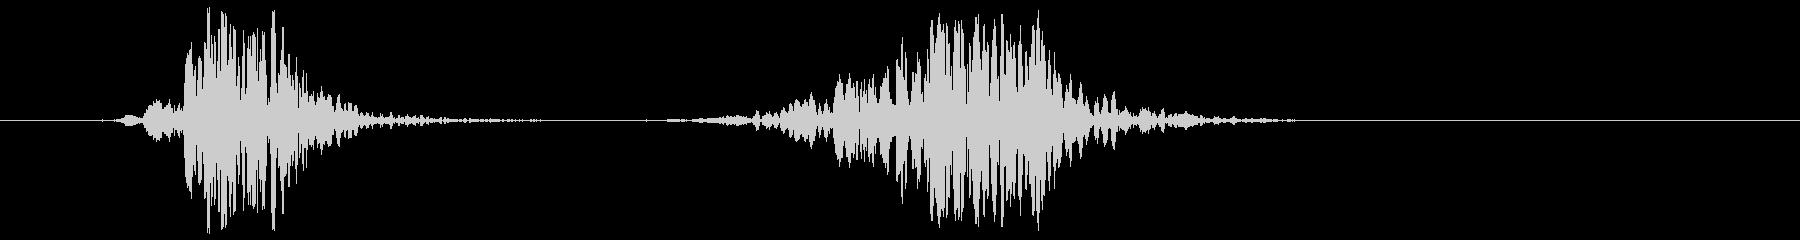 大型のスイングポールWHOOSHシ...の未再生の波形